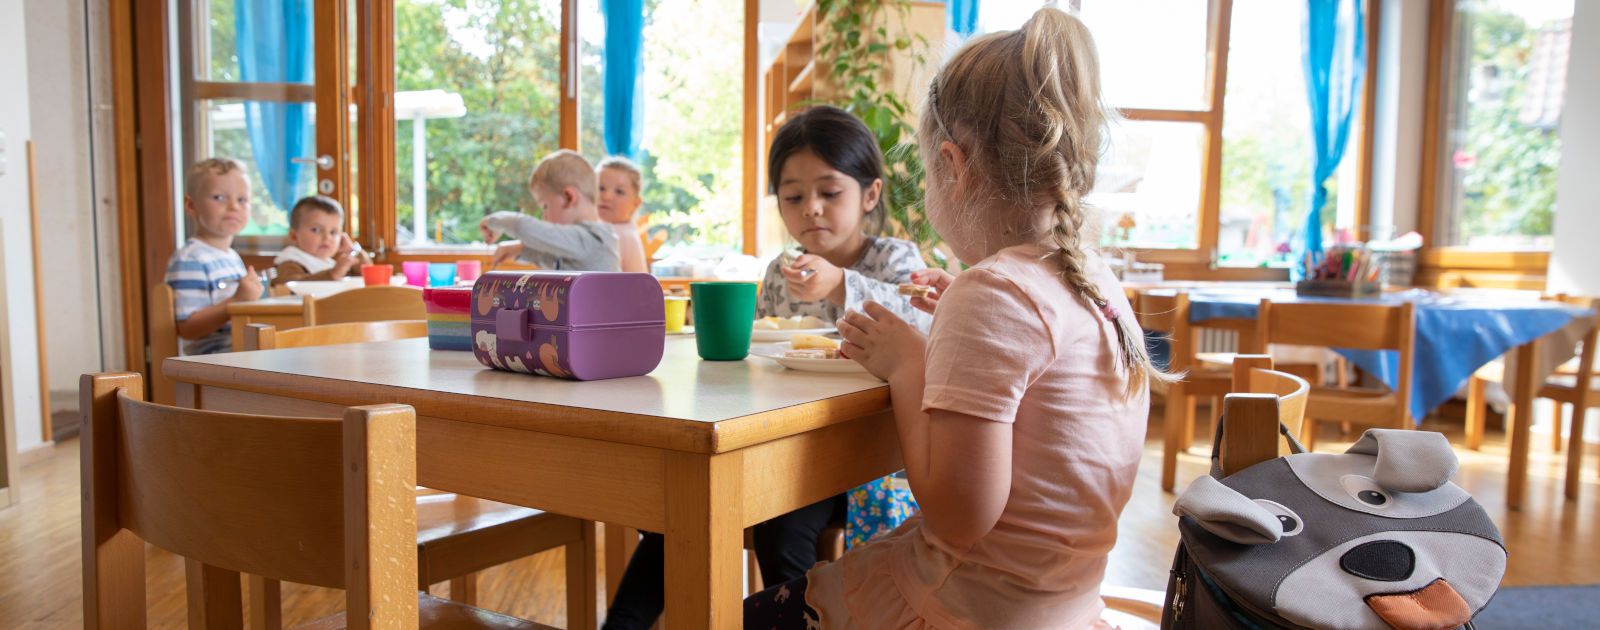 Kinder beim Essen im Speisesaal